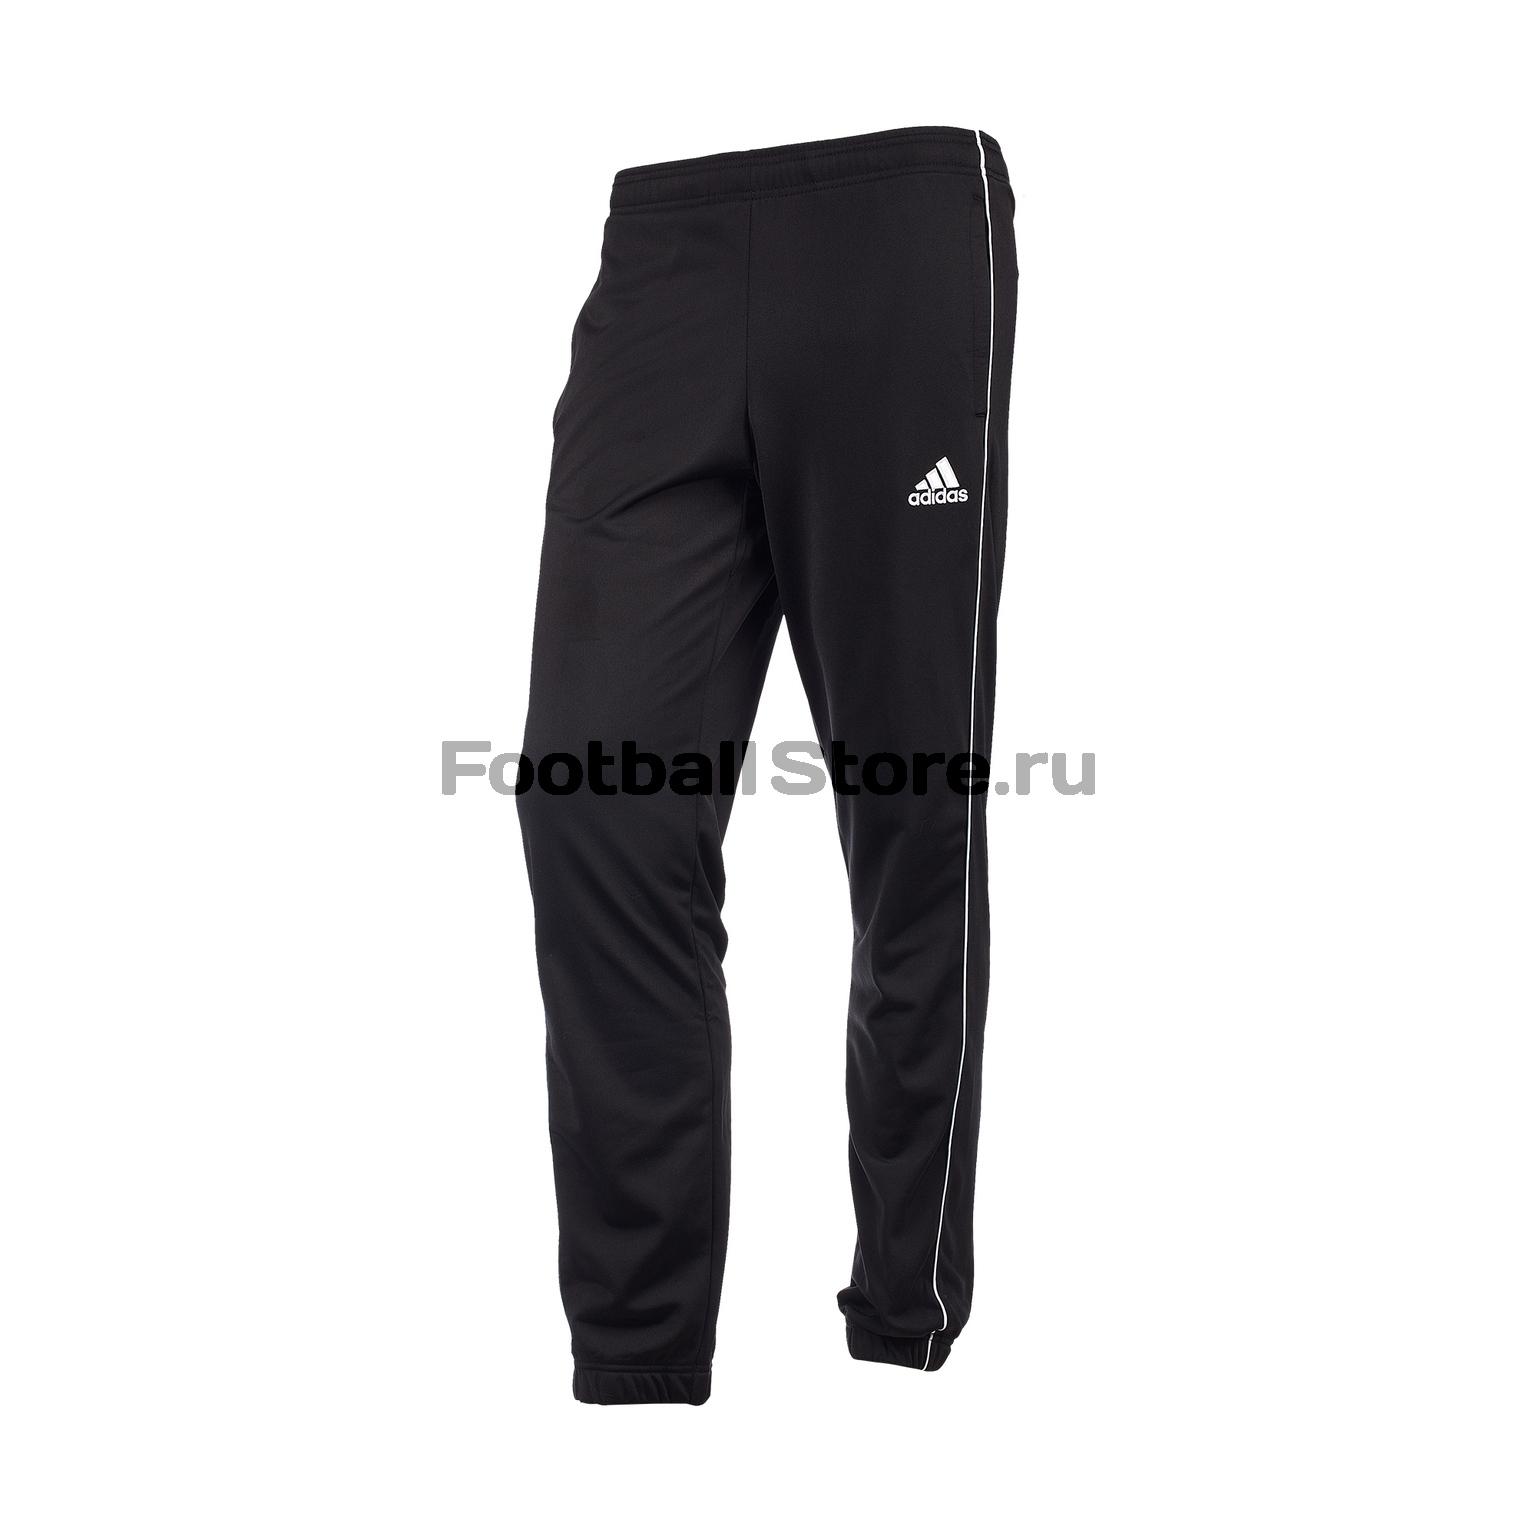 Брюки Adidas Core18 Pes Pnt CE9050 недорго, оригинальная цена